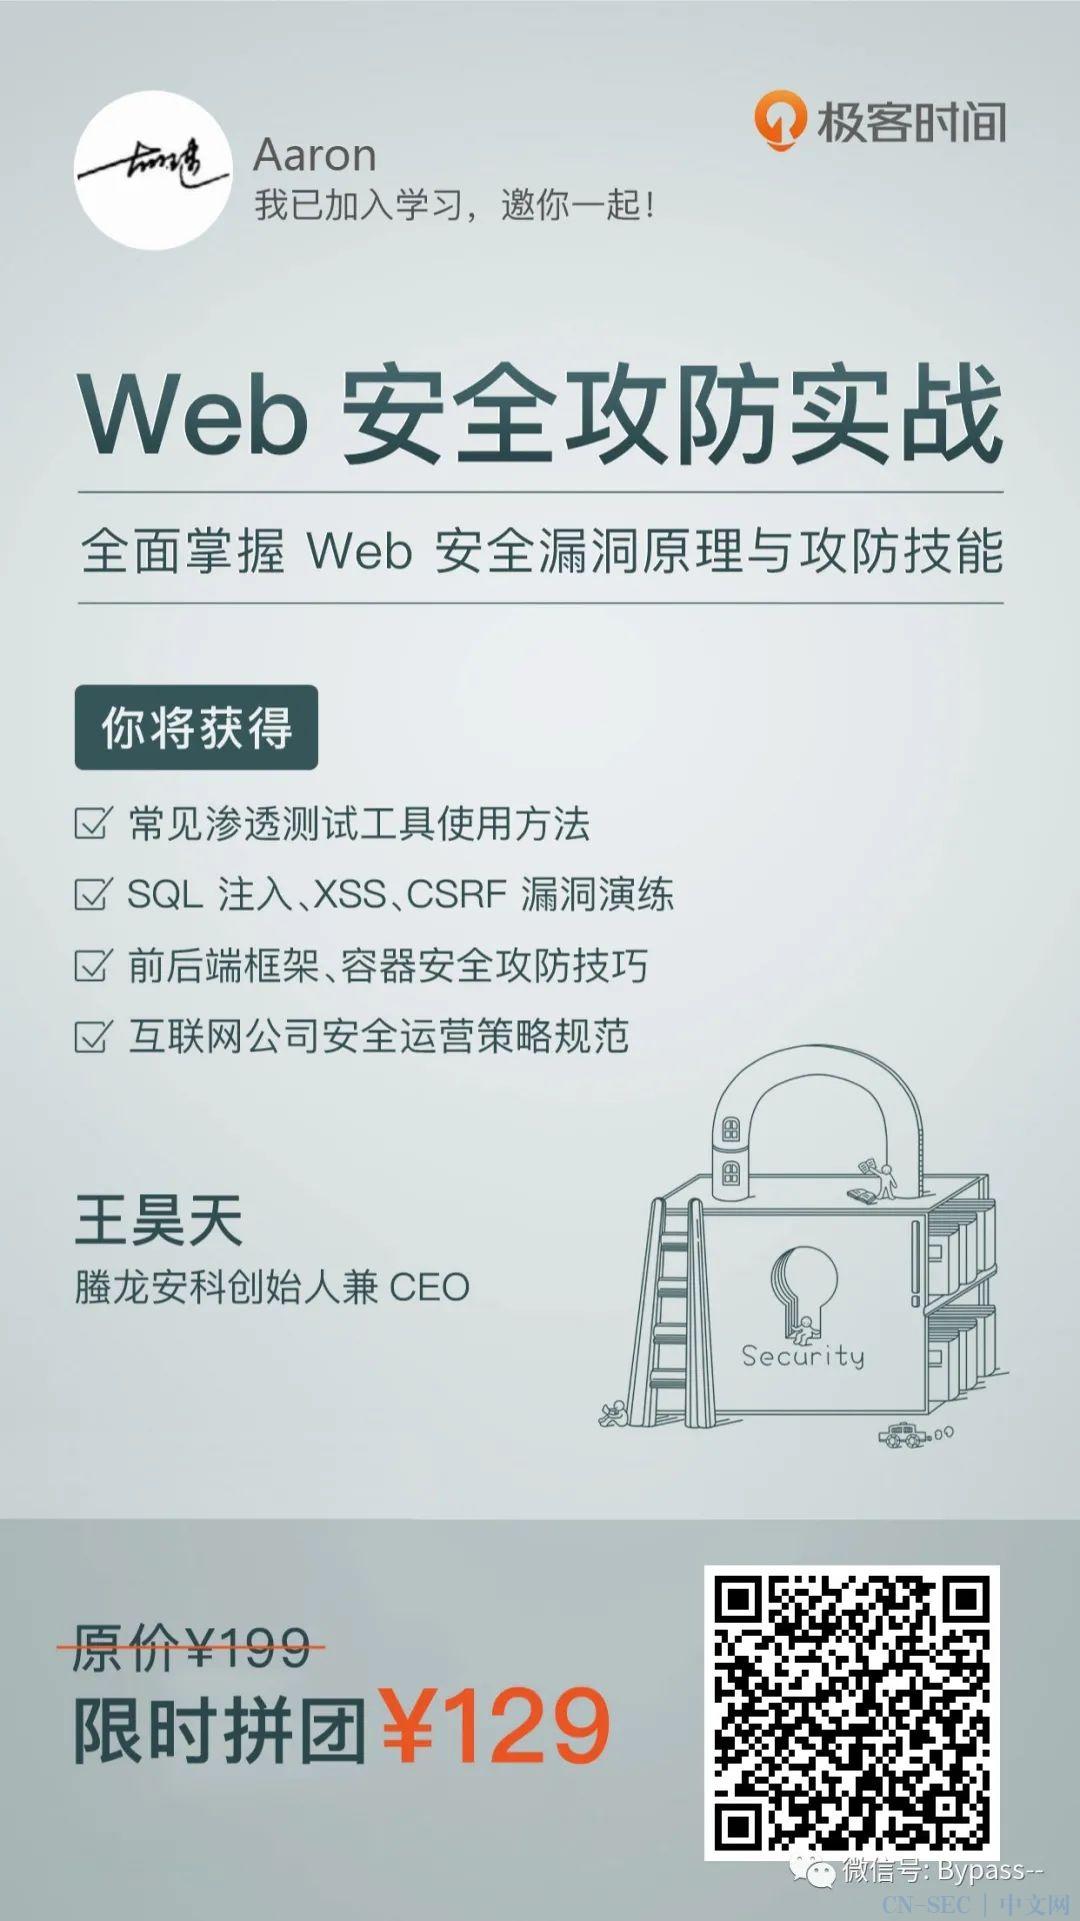 常见三大Web安全攻防解析